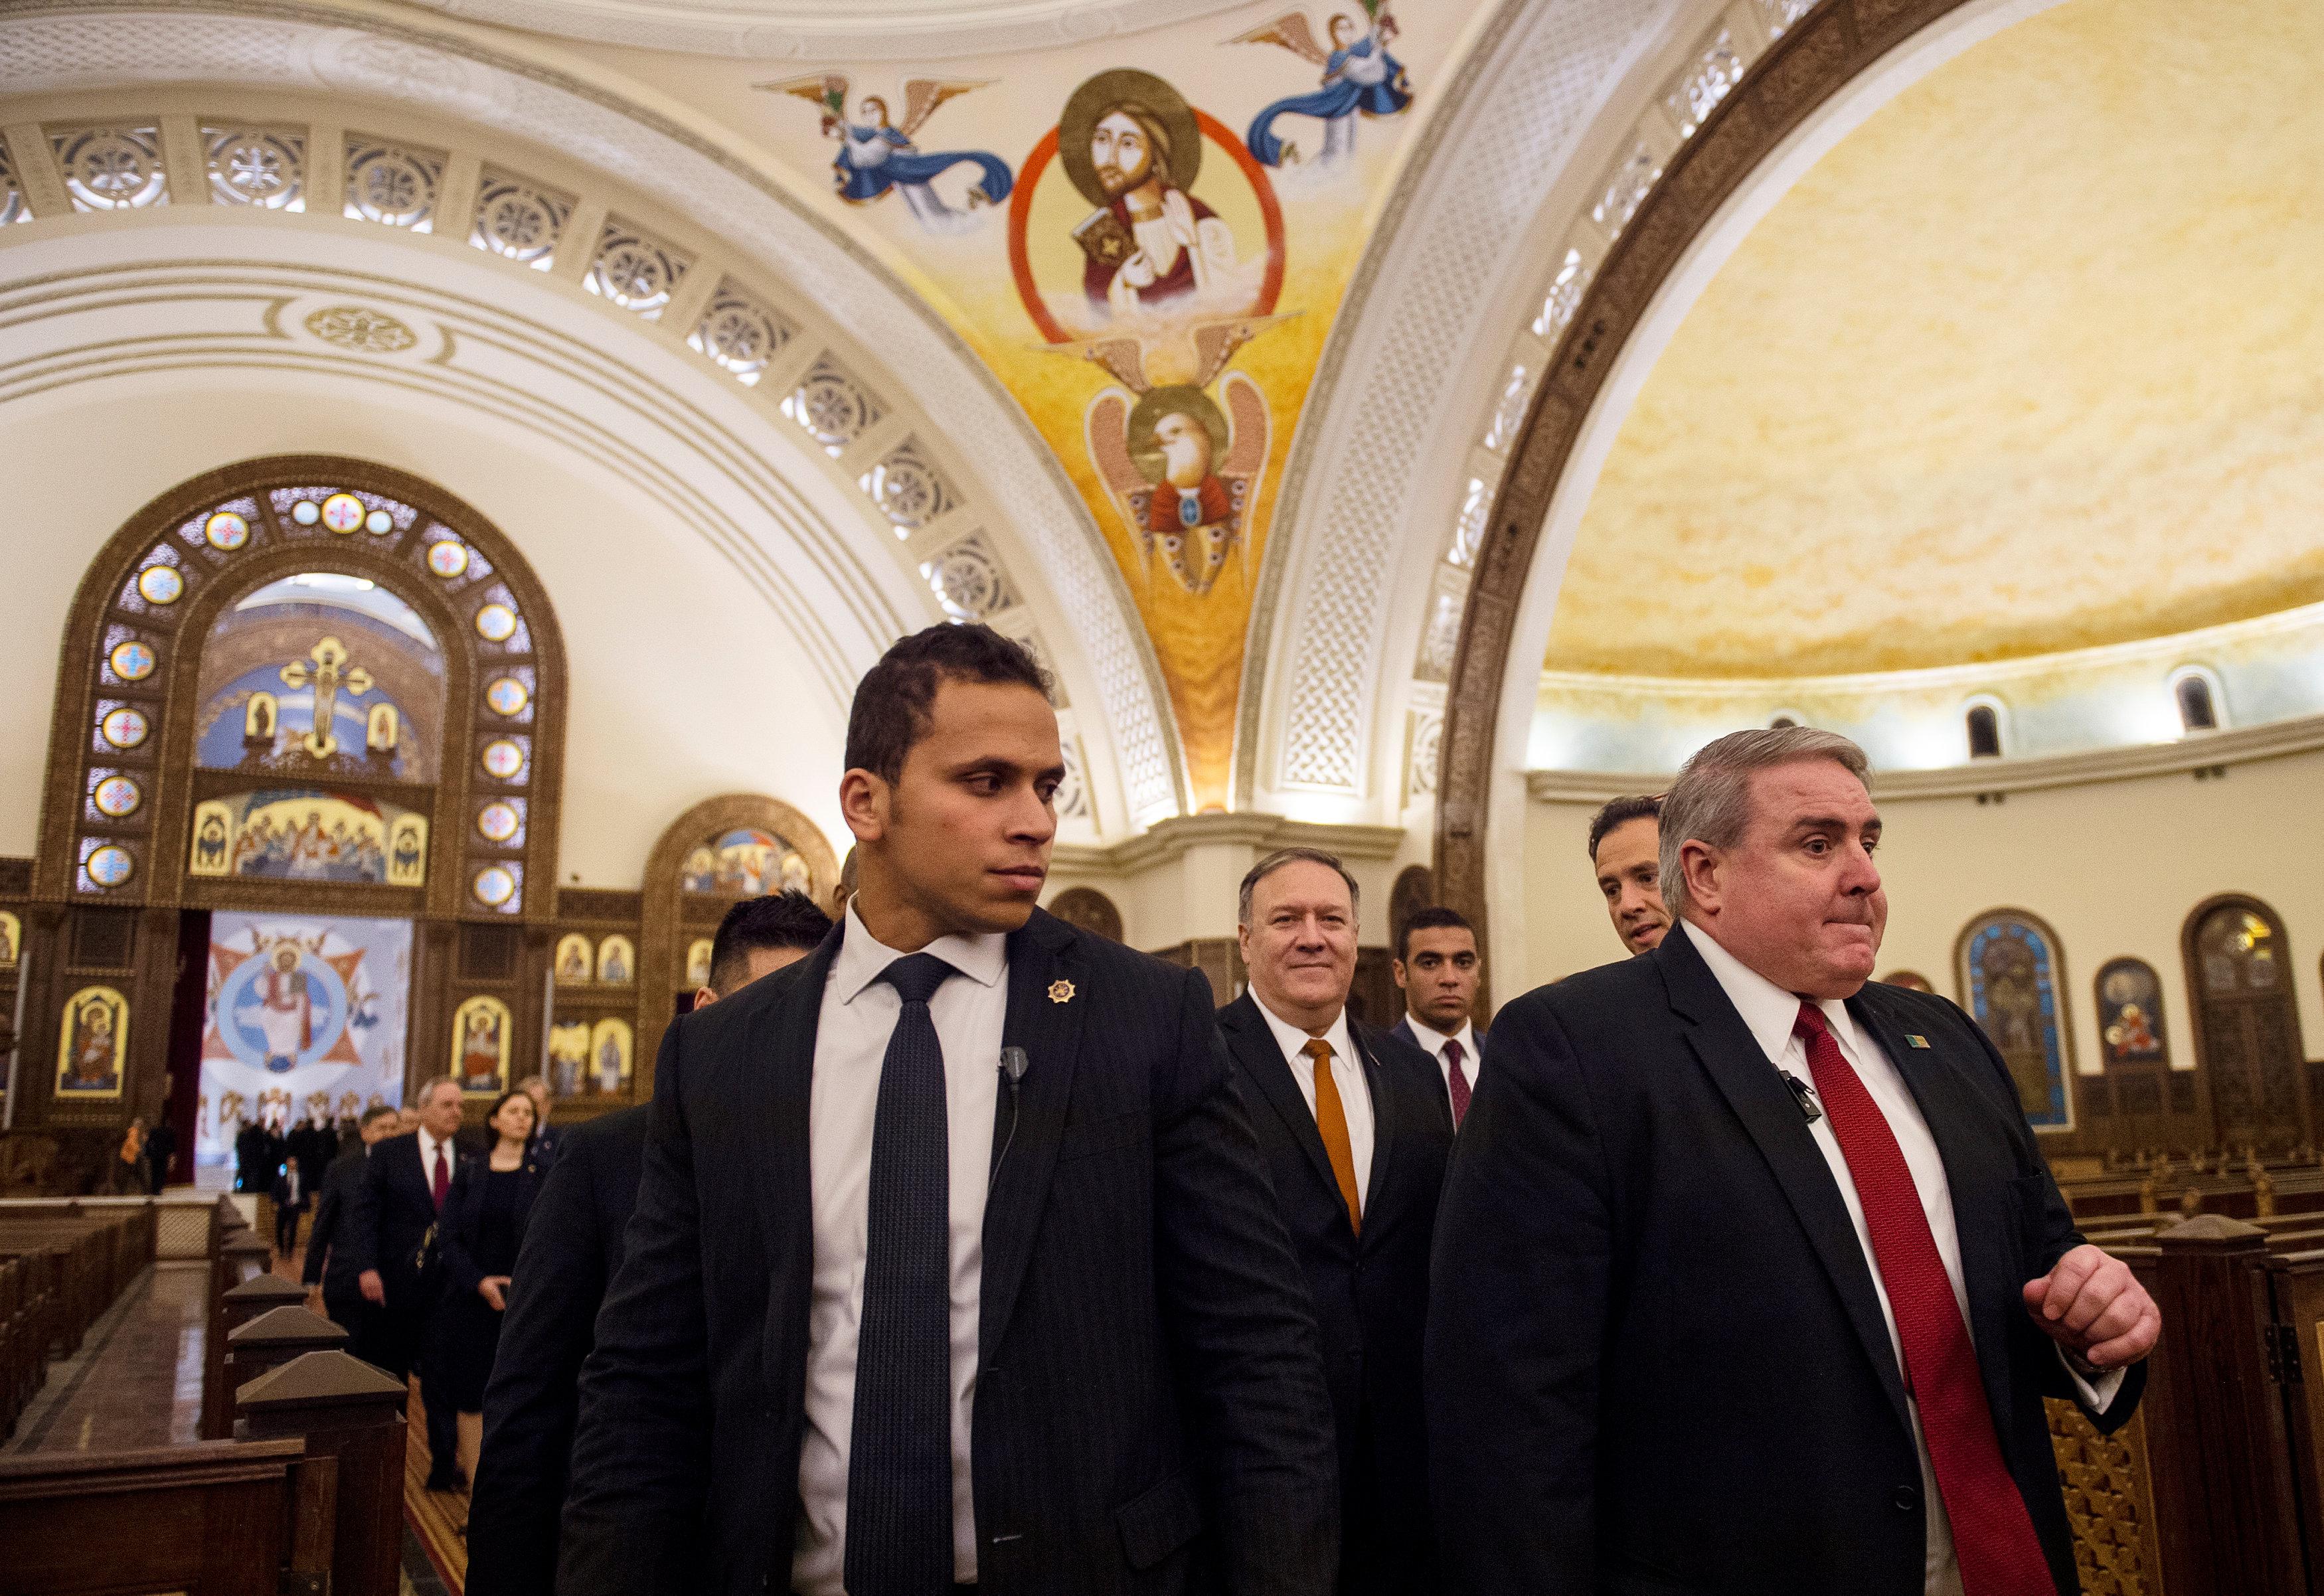 بومبيو مع عدد من أعضاء الوفد الأمريكى بالكاتدرائية الجديدة